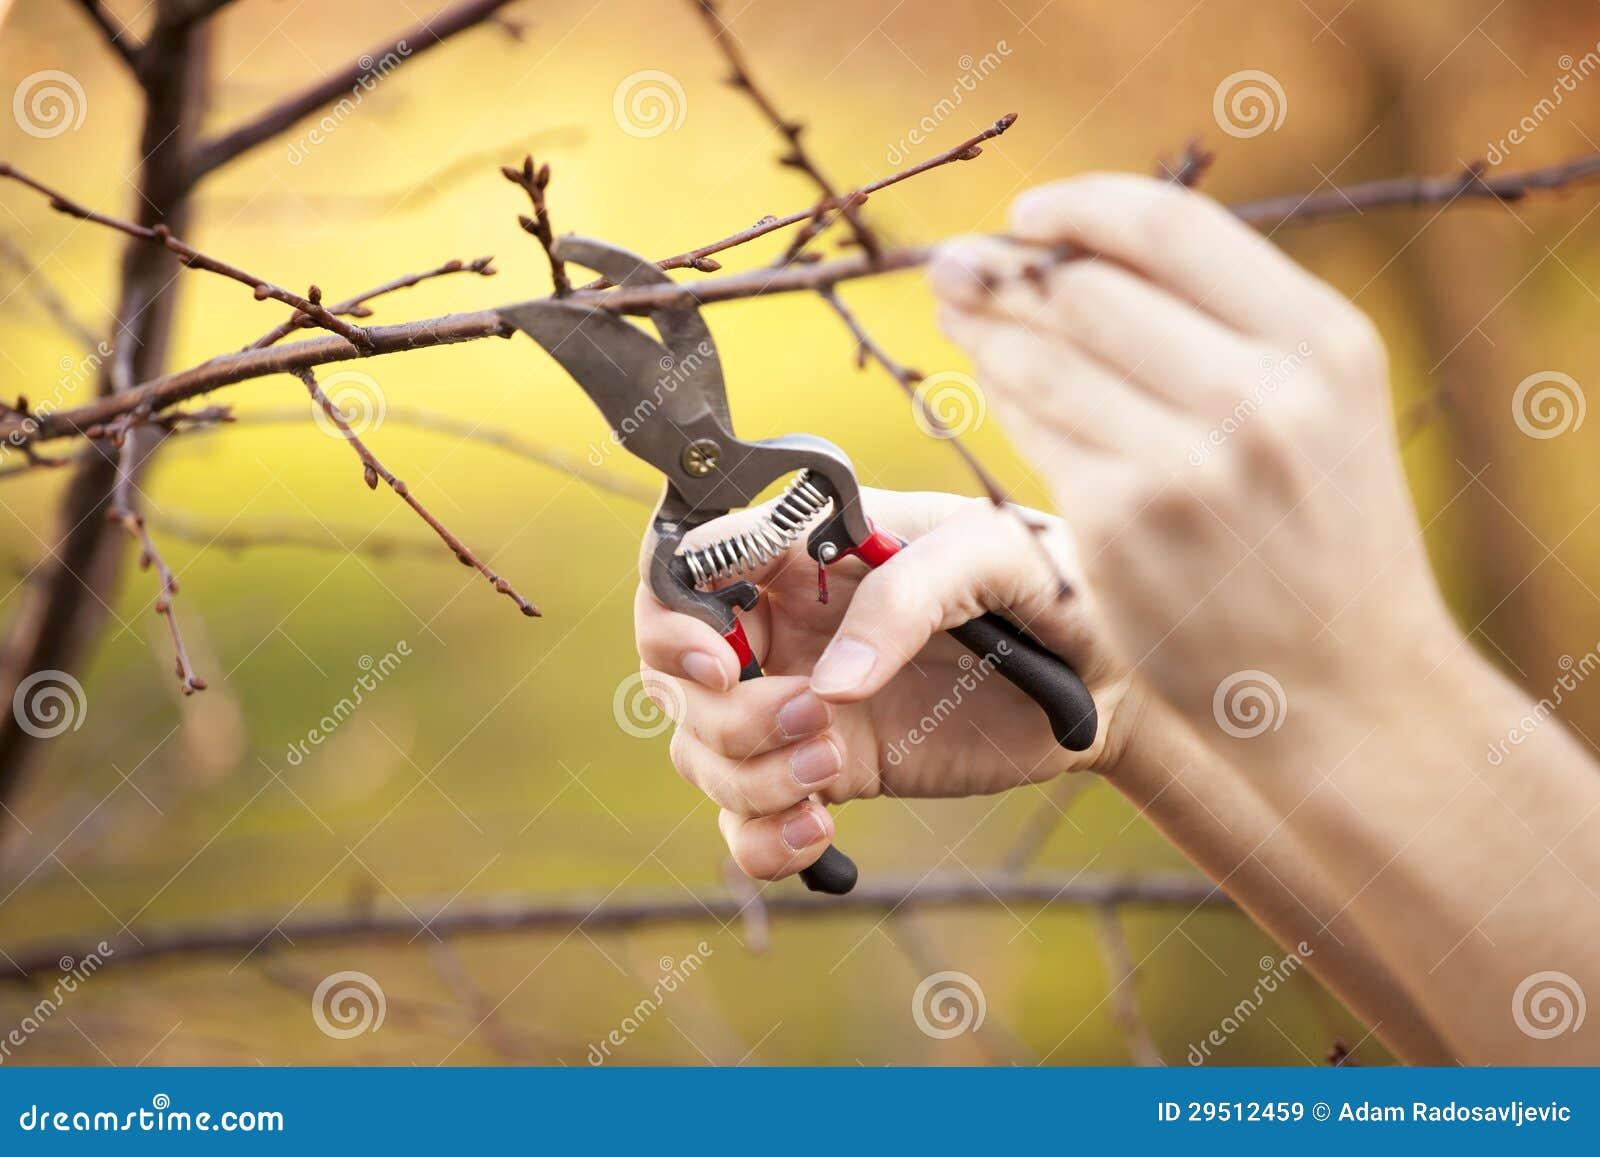 Snoeiend fruitboom - het Snijden vertakt zich bij de lente